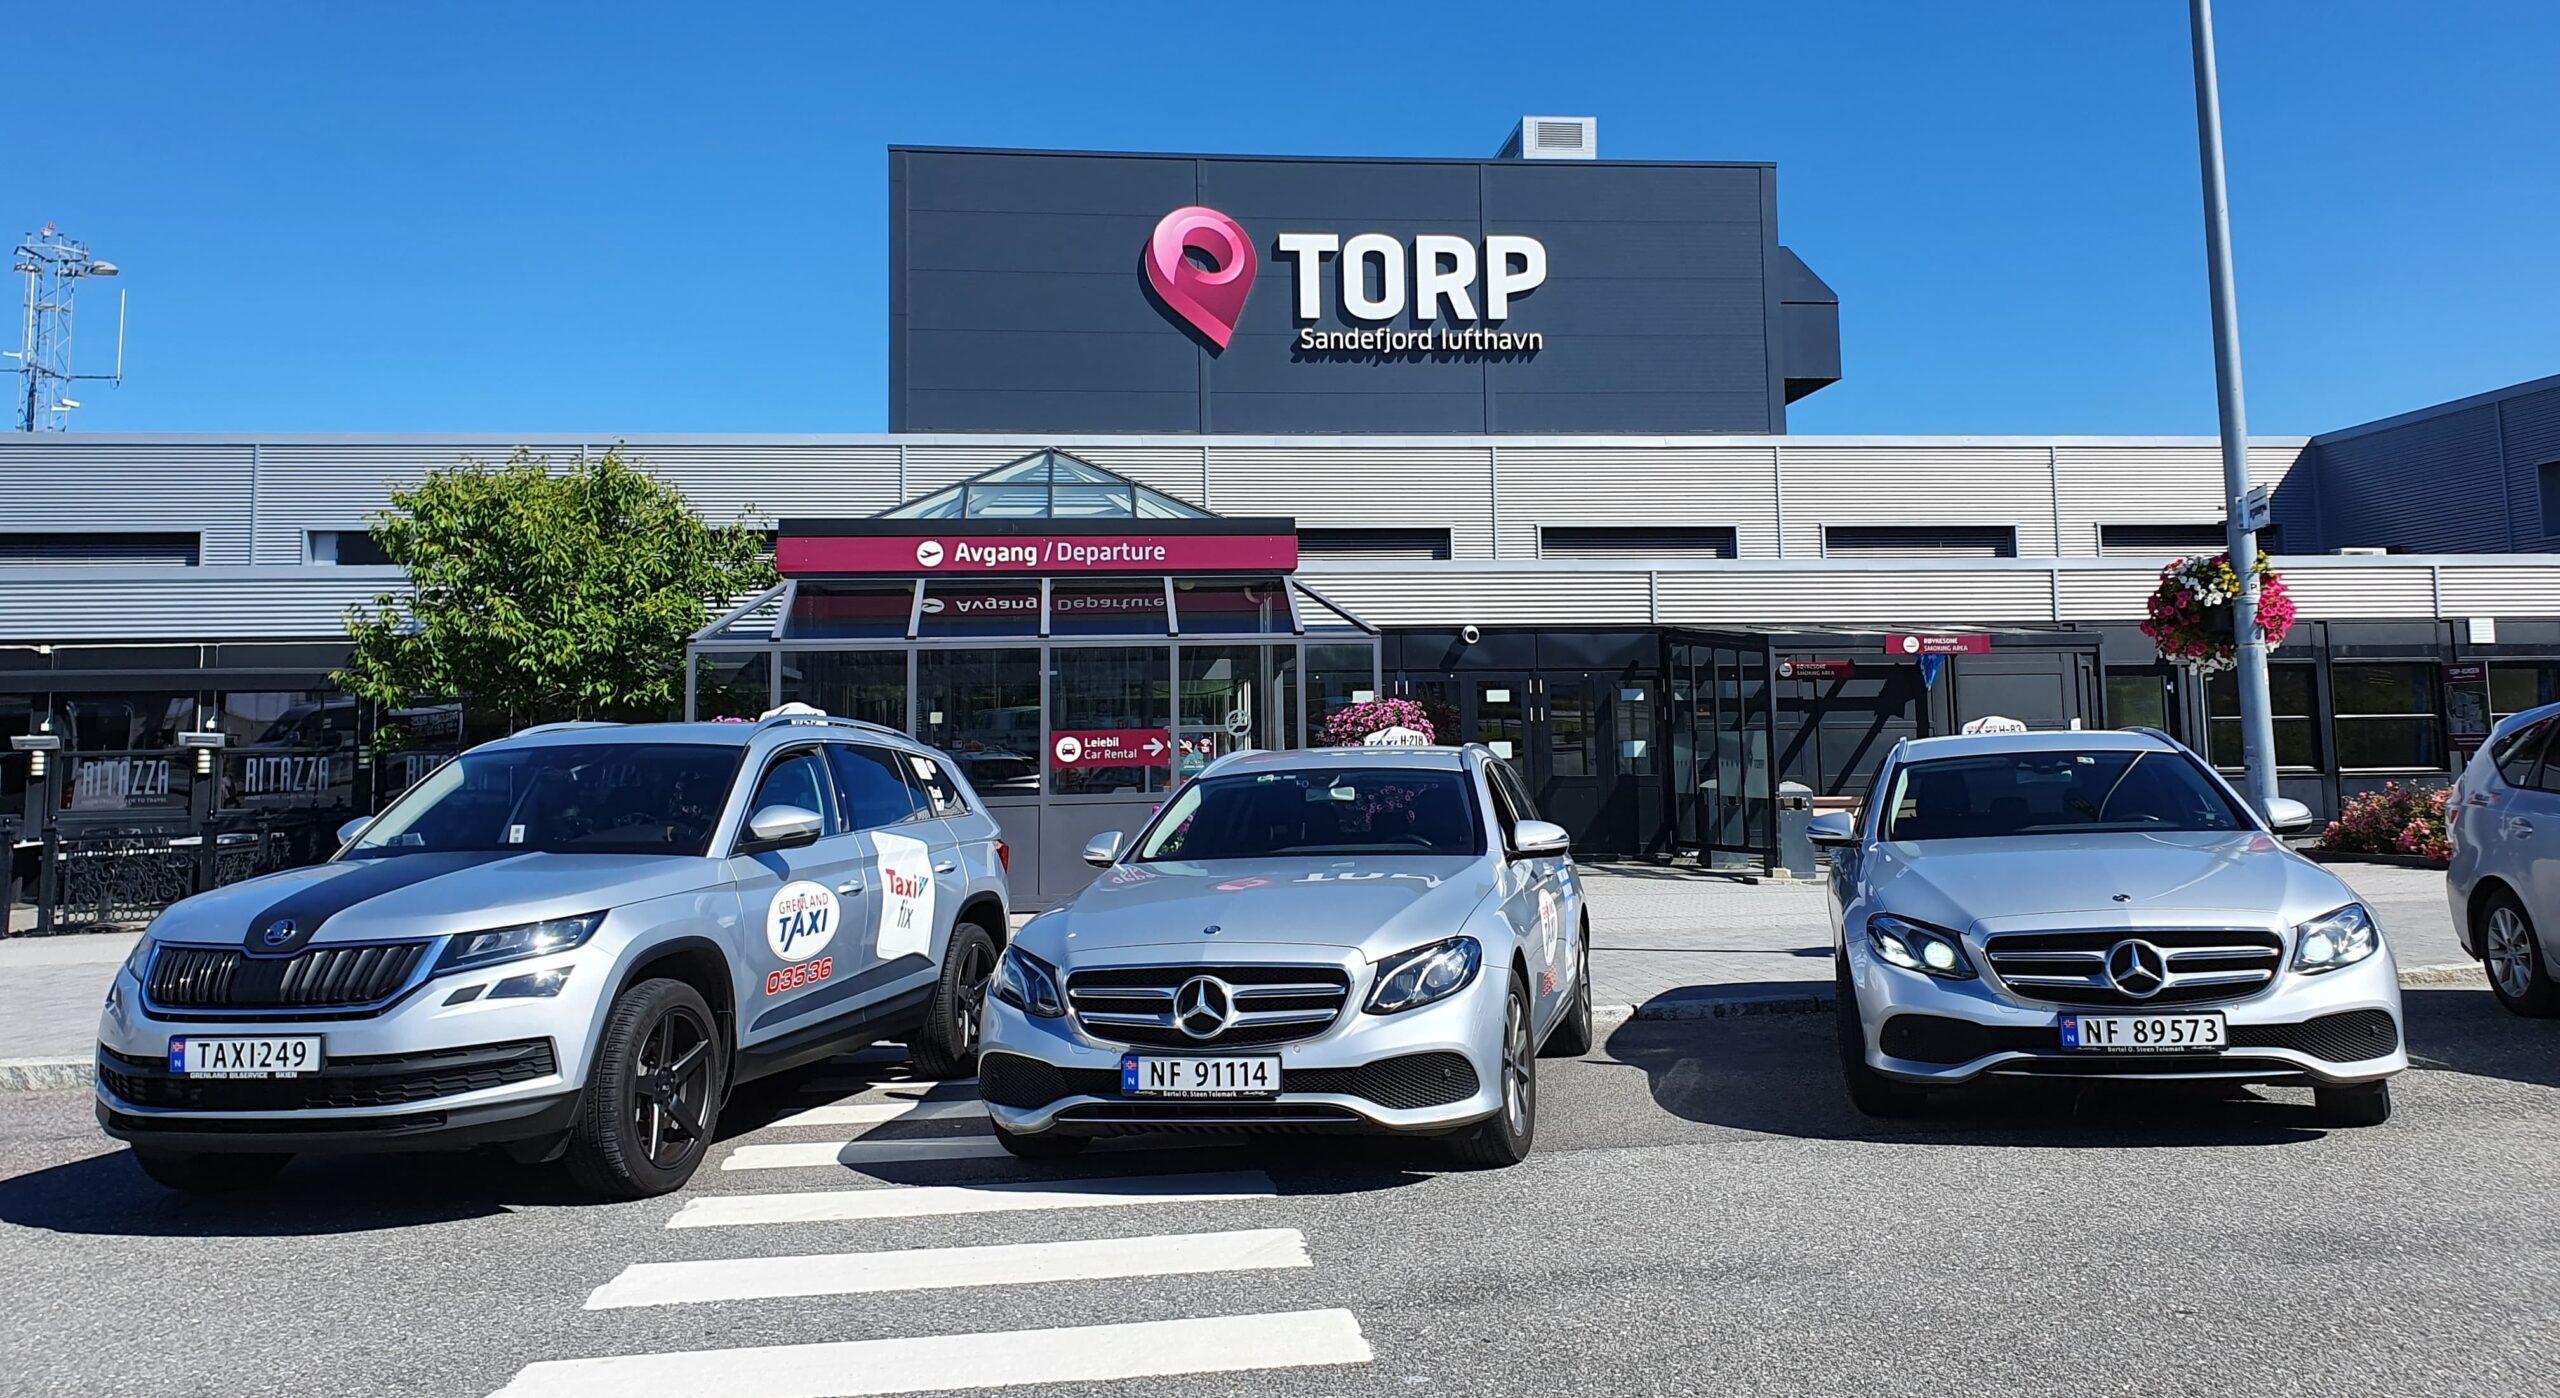 Til Torp Lufhavn kan man ta flytaxi. Porsgrunn, Larvik, Tønsberg og Skien er blant byene som finnes i nærheten.